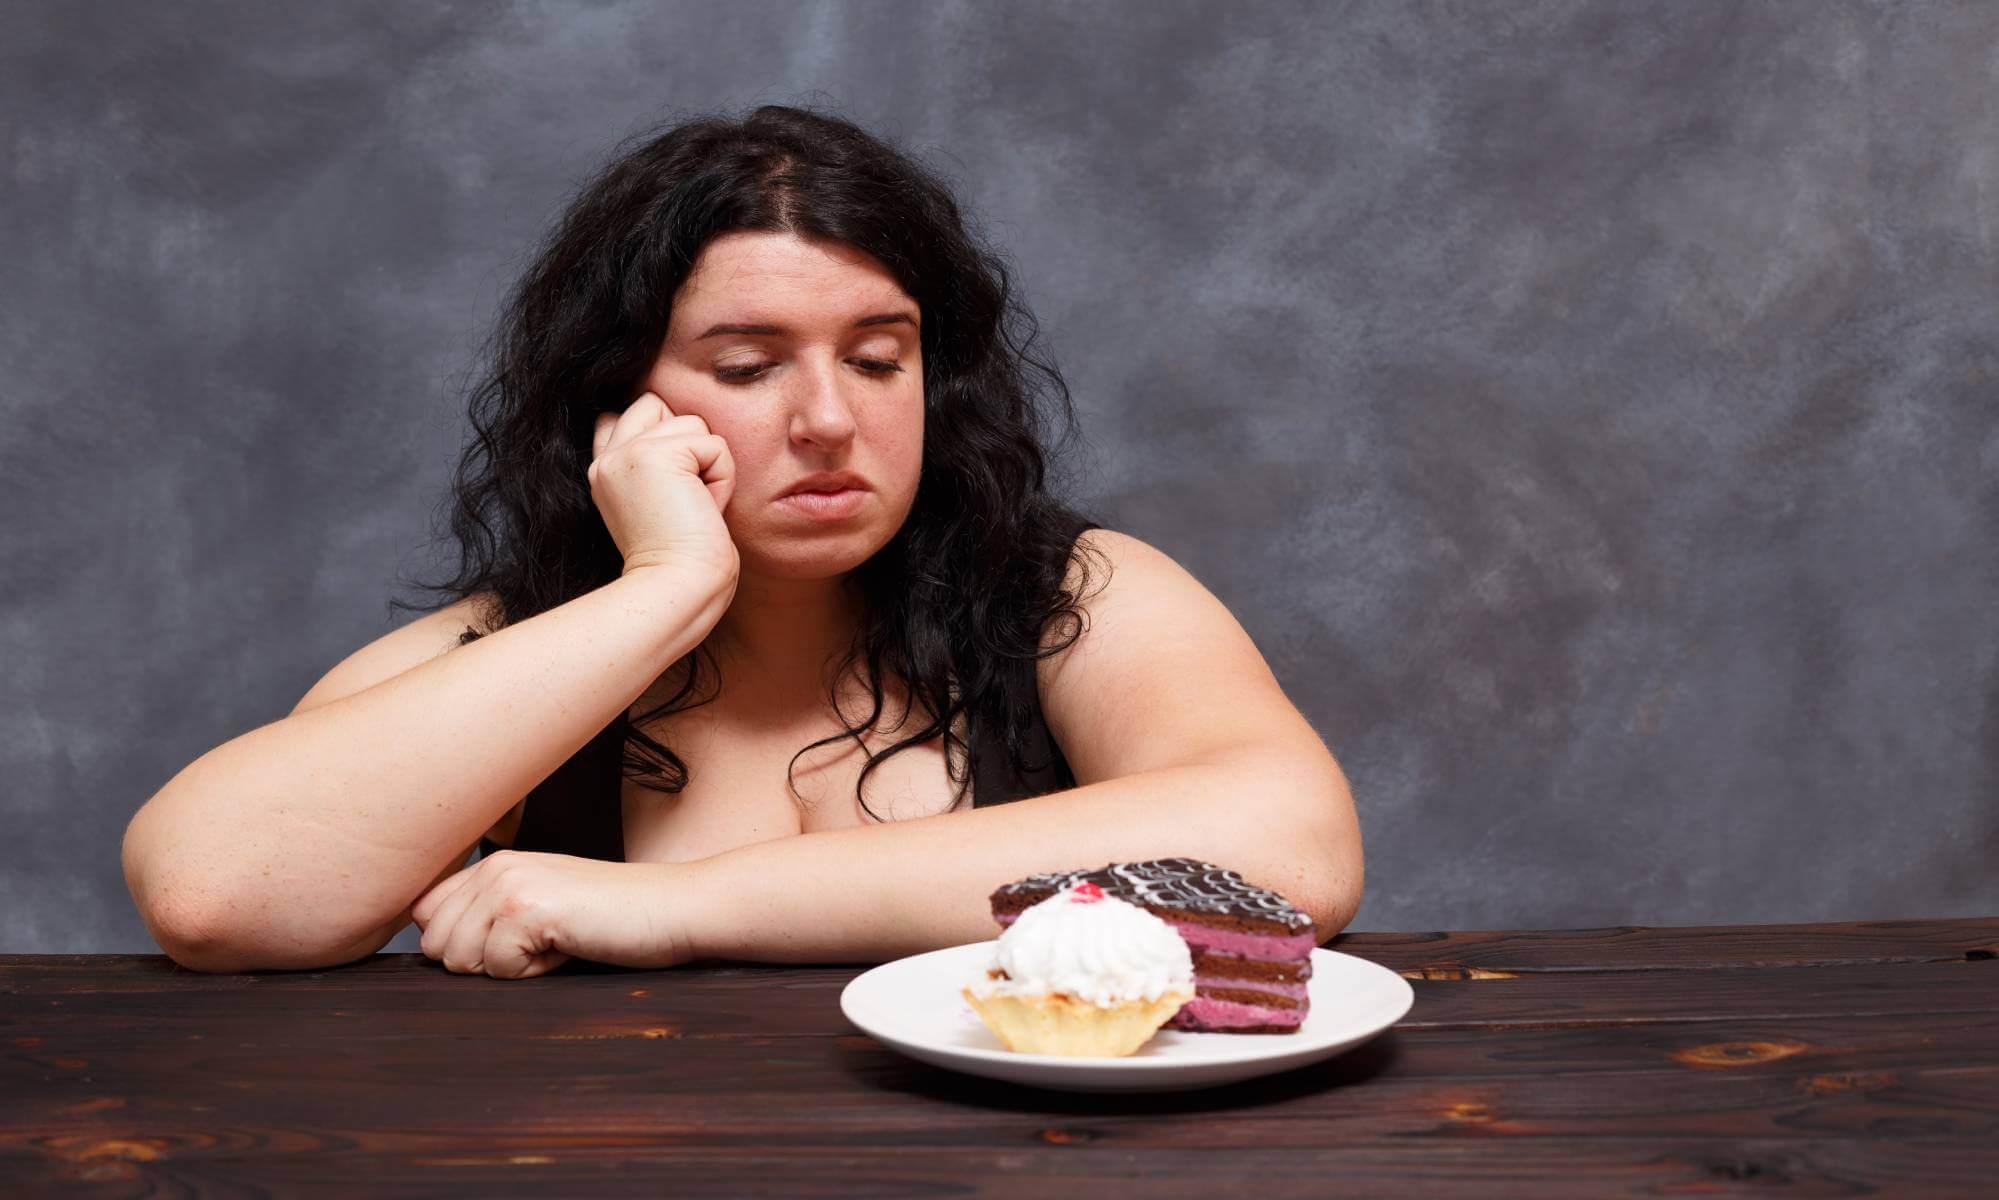 השמנה אחרי לידה